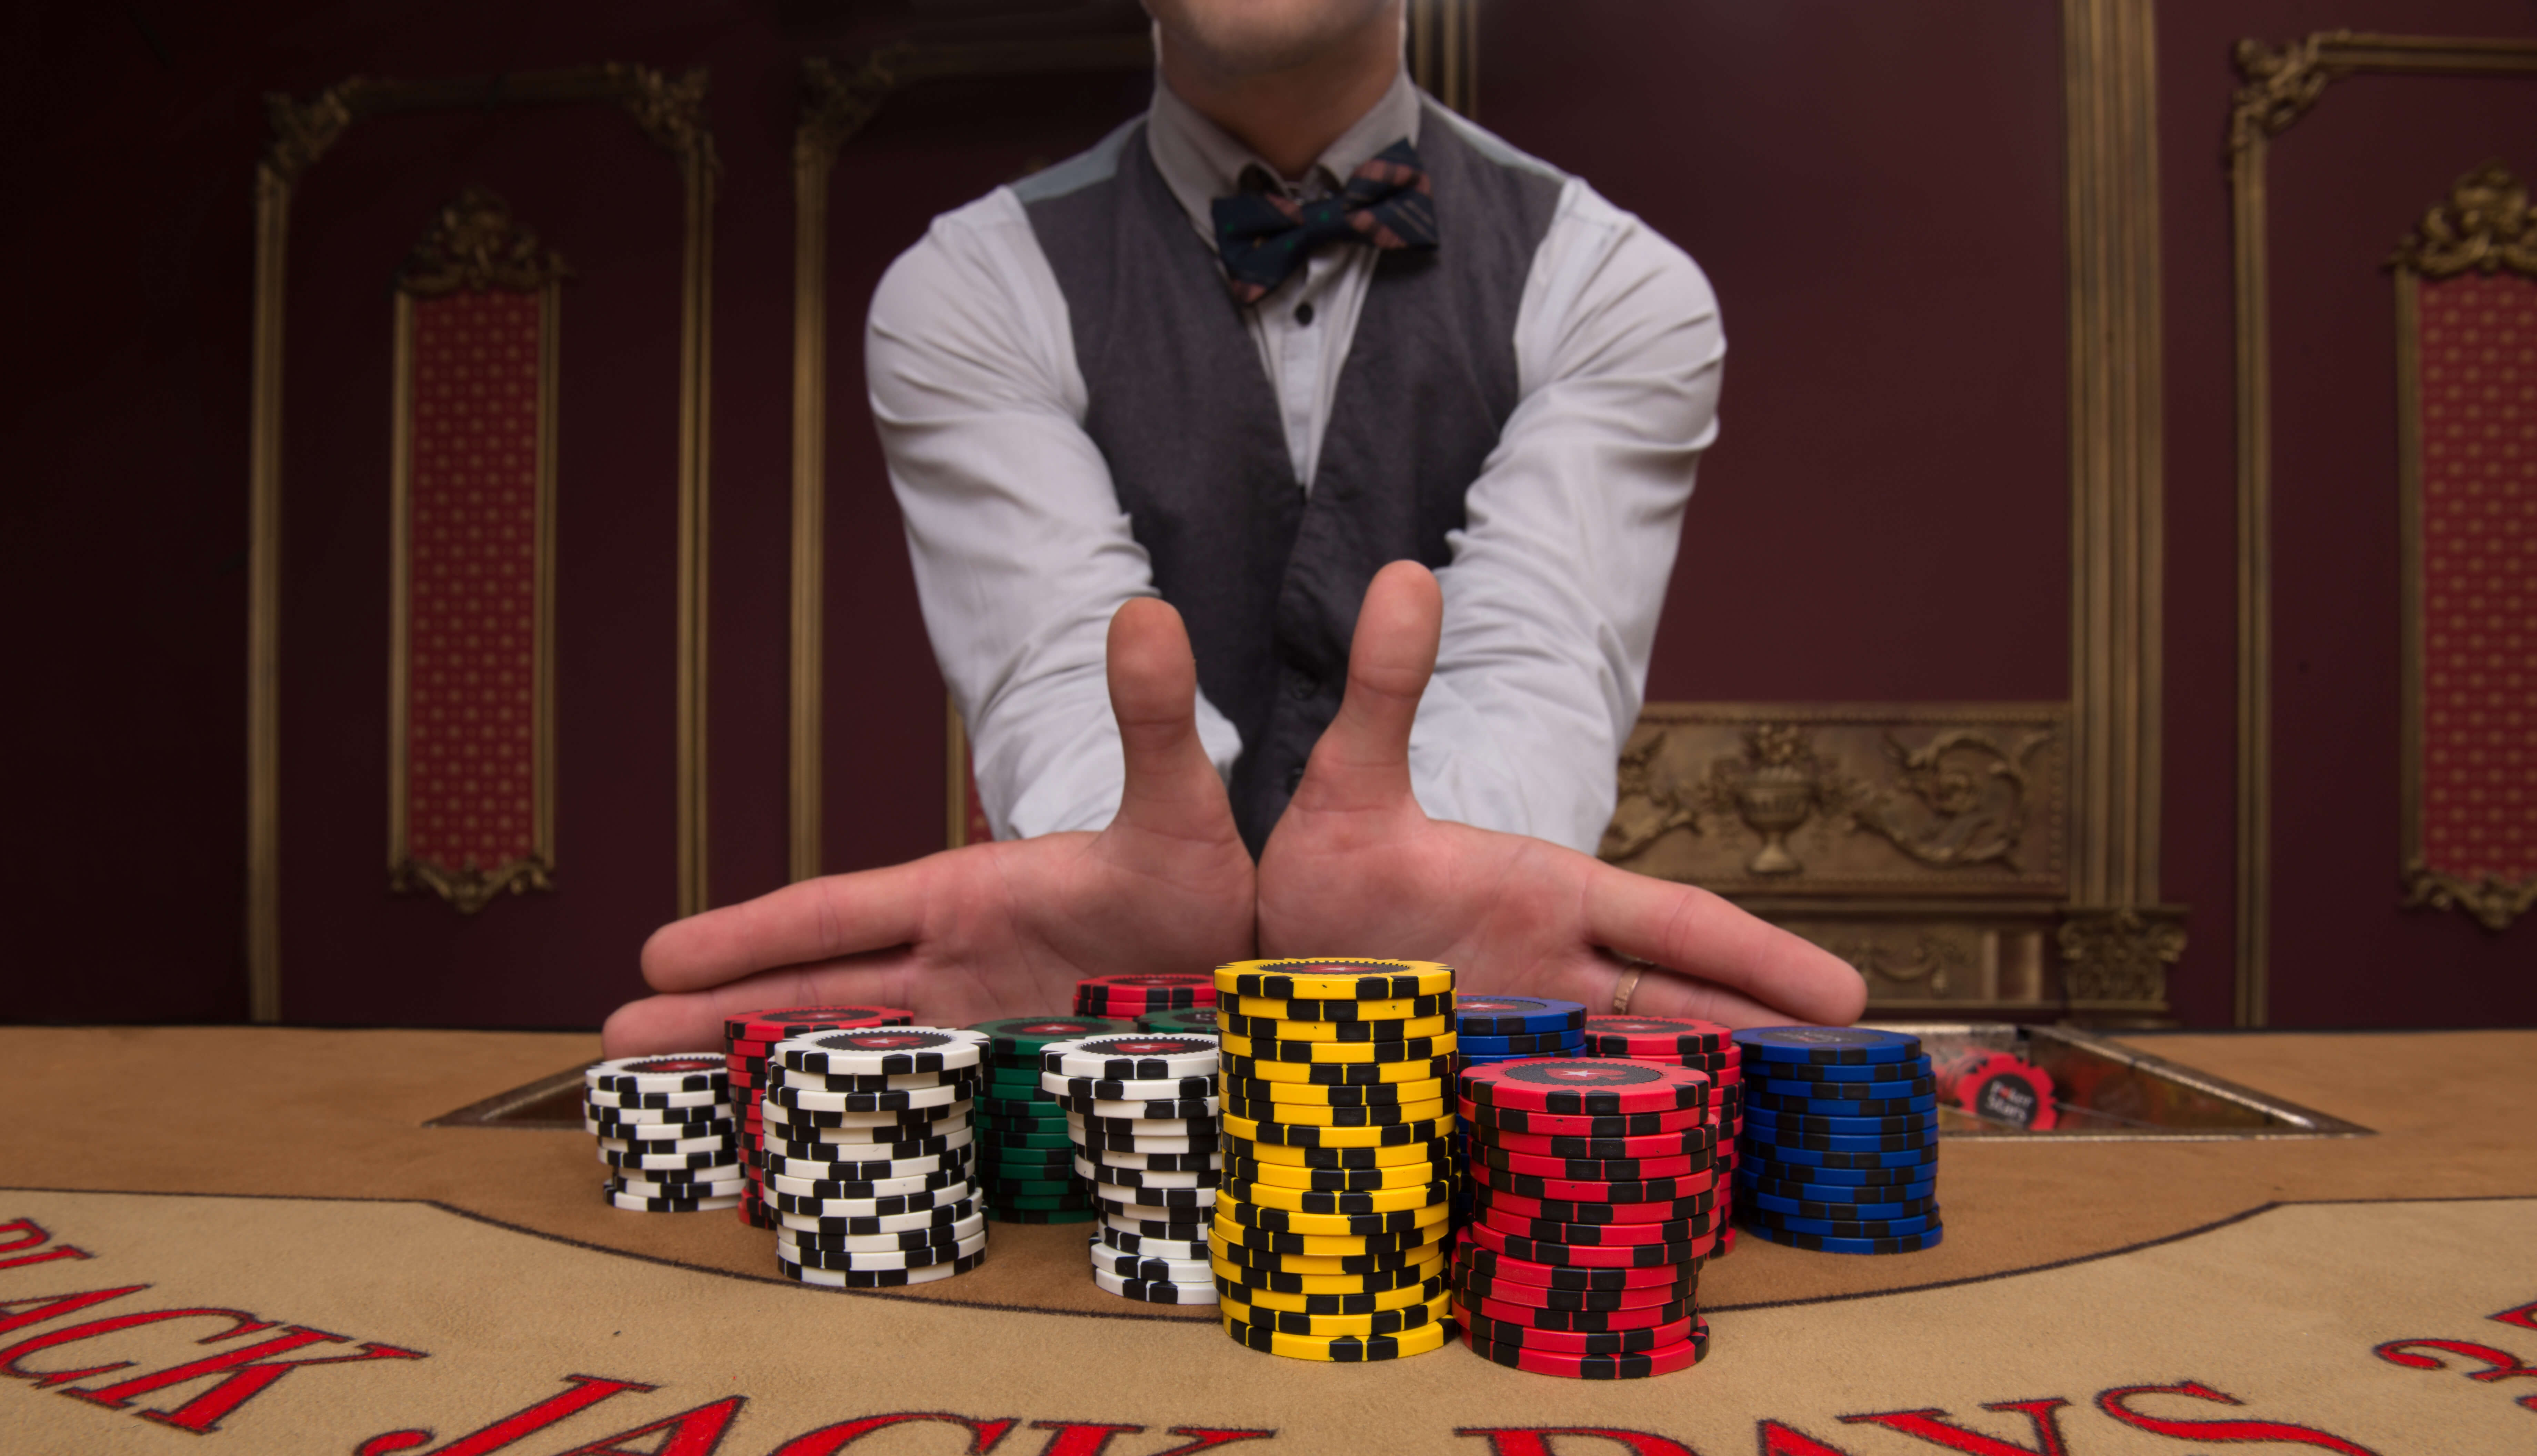 cobrando los bonos del casino